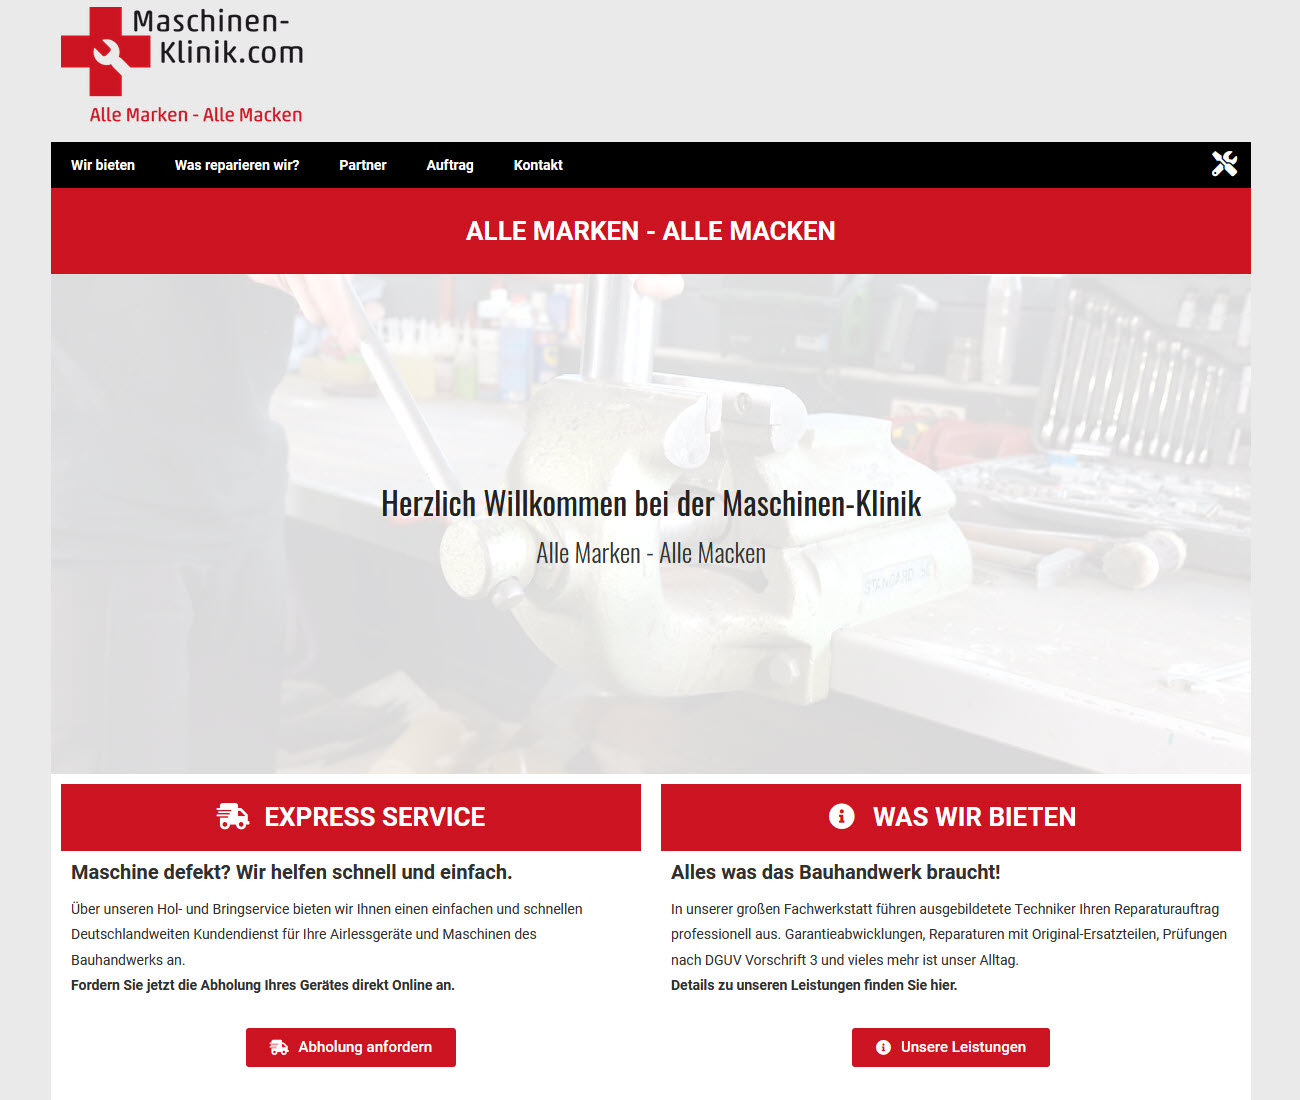 Die Maschinen-Klinik | Alle Marken - Alle Macken